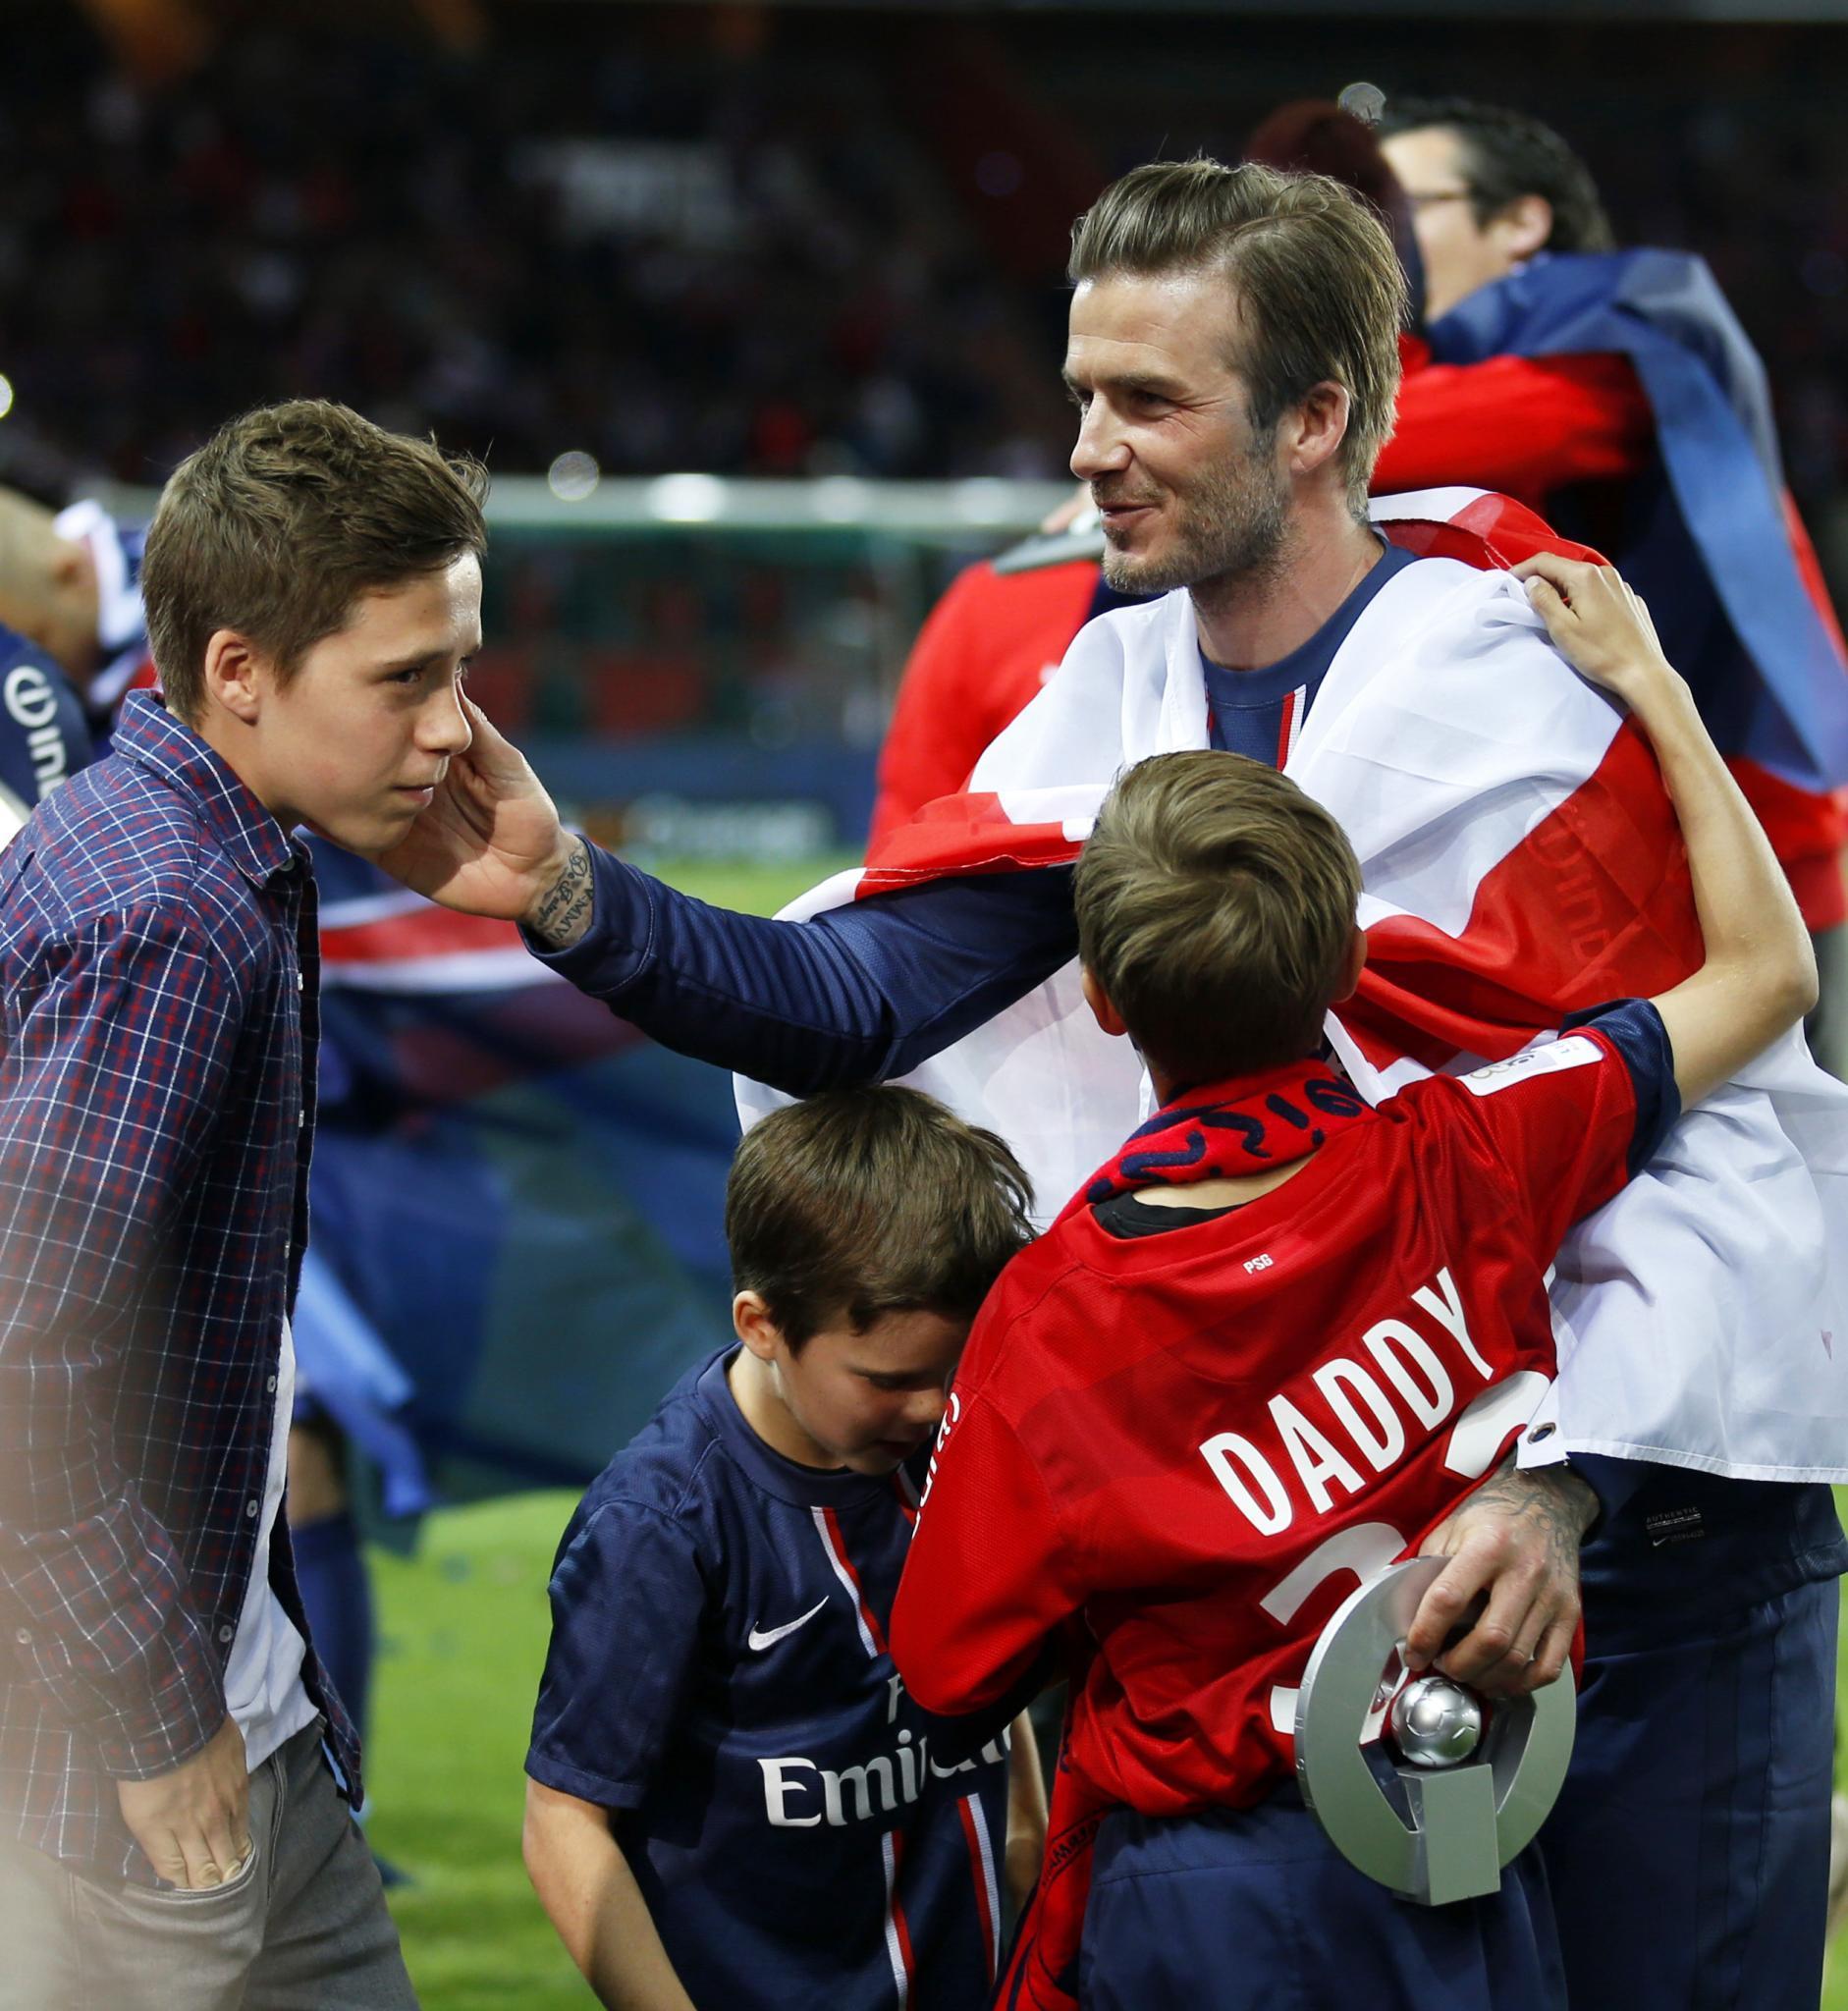 Sein ganzer Stolz: David Beckham liebt alle seine Kinder - in puncto Fußball setzt er aber in erster Linie auf Brooklyn. Bei seinem Abschied in Paris am Wochenende strich er ihm sanft über die Wange. Daneben Brooklyns Brüder Cruz, 8, und Romeo, 10.